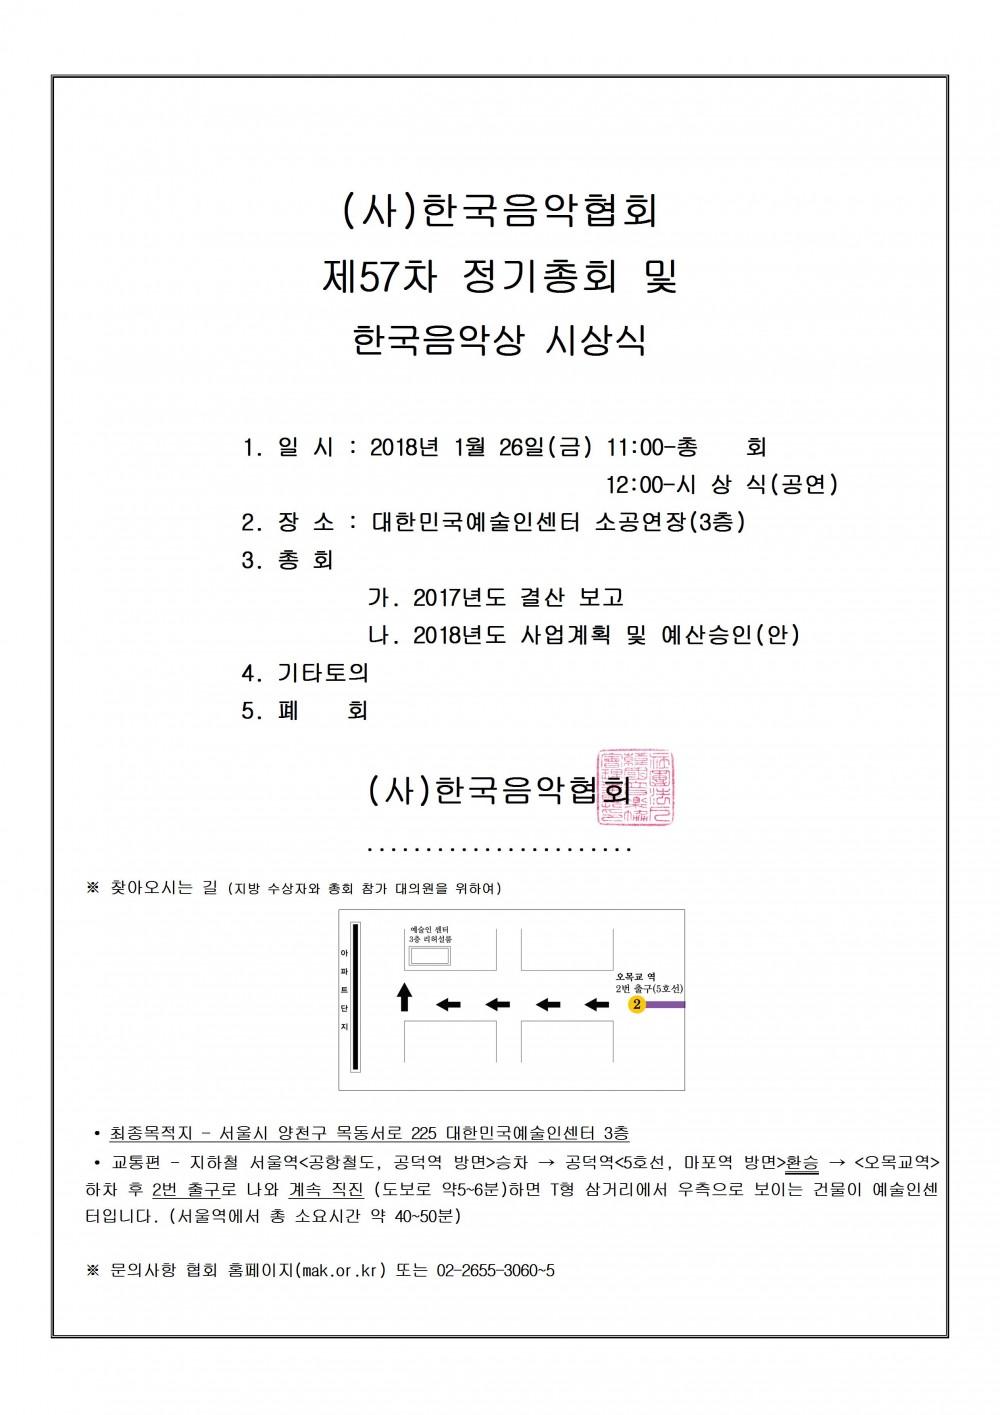 [사]한국음악협회 / 공지사항